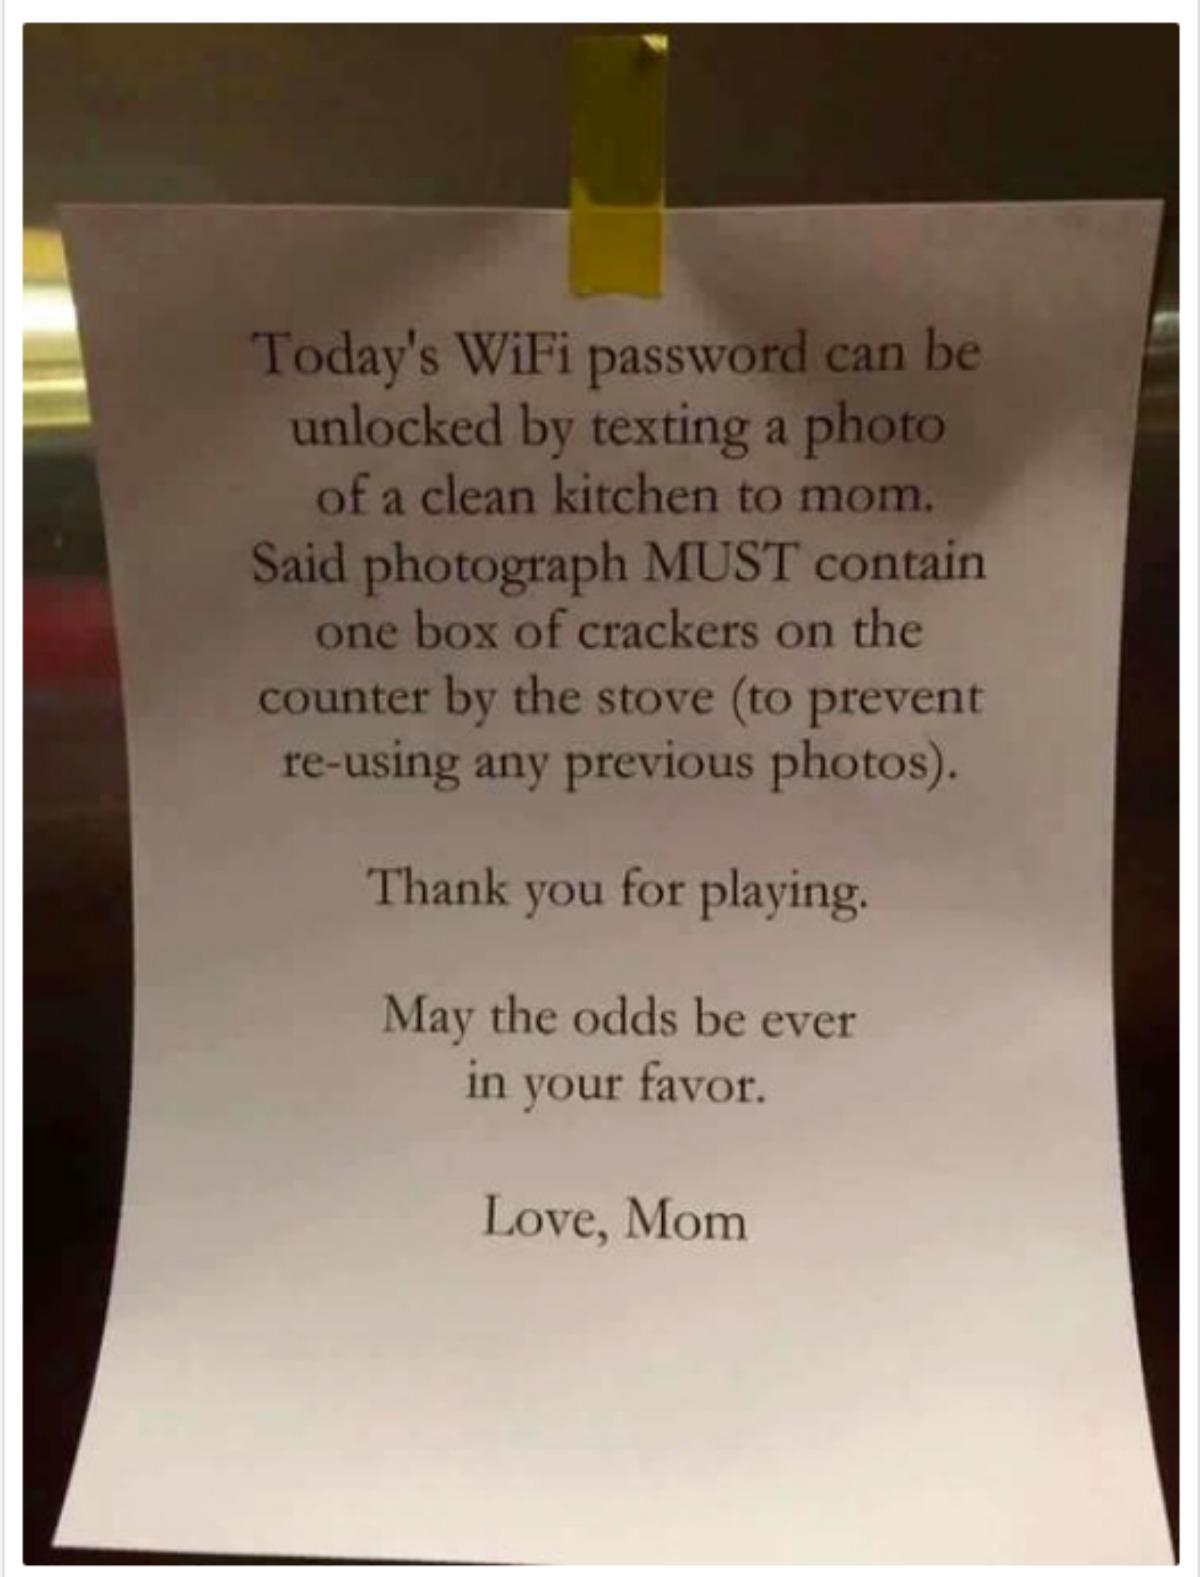 mom-wifi-password